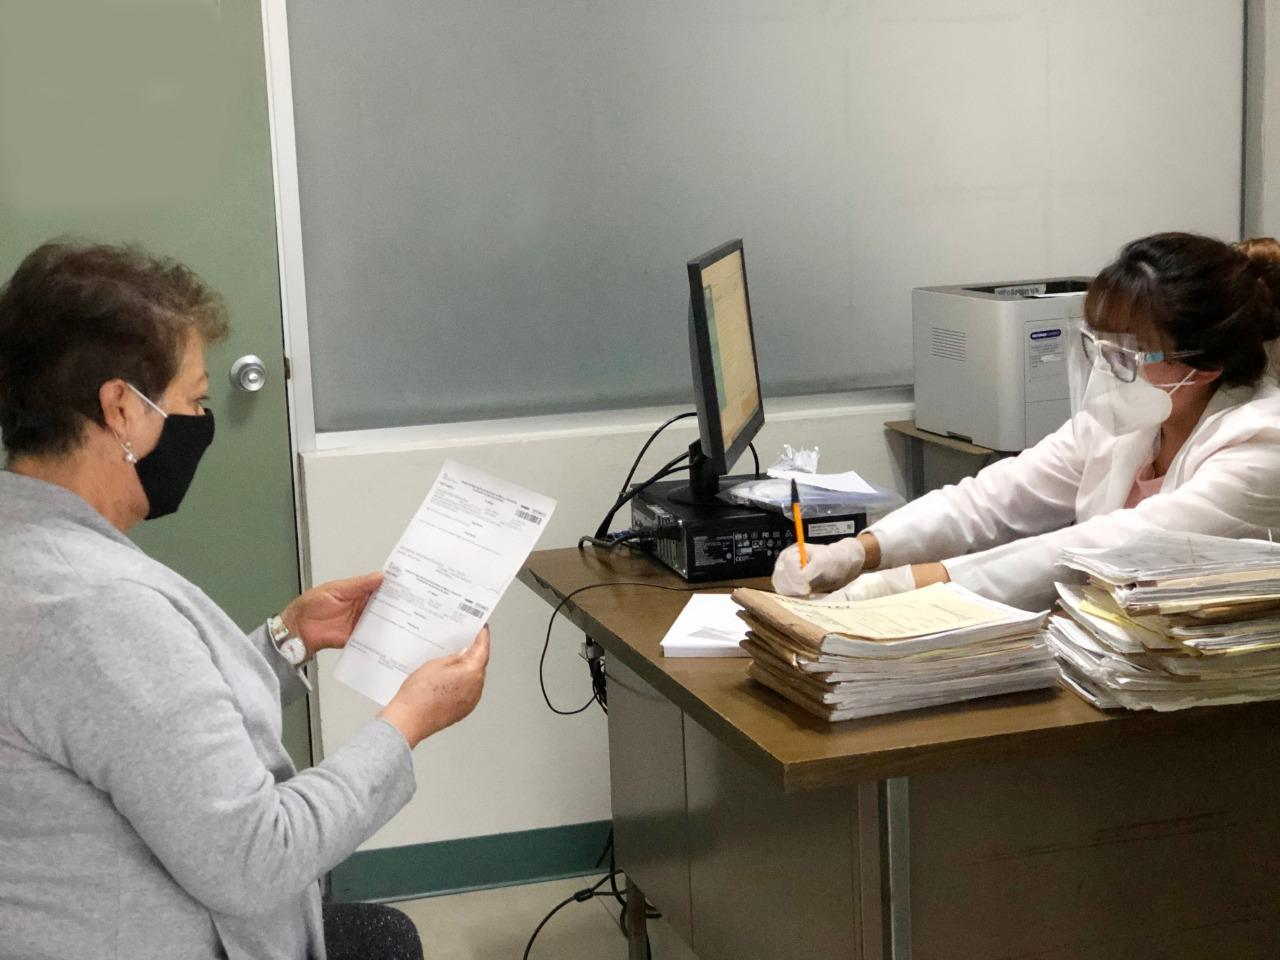 PACIENTES CON DIABETES DEBEN CONTINUAR TRATAMIENTOS DURANTE PANDEMIA